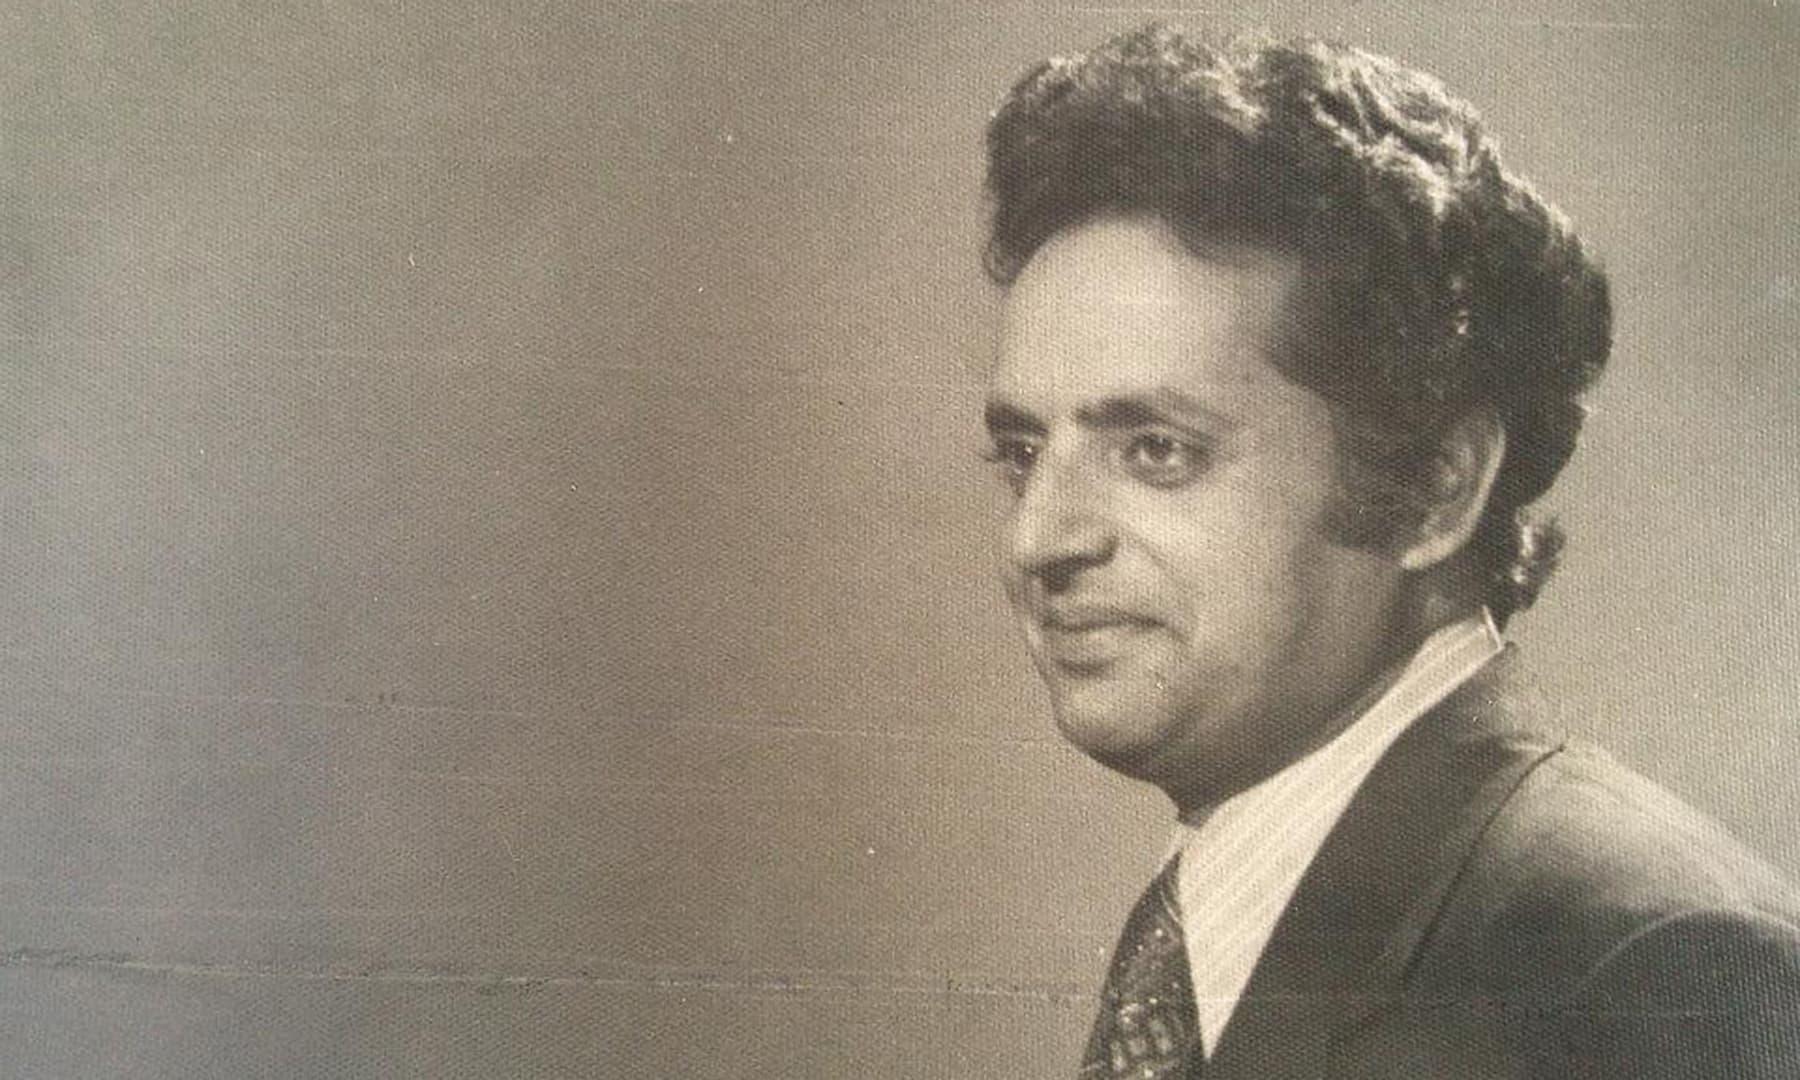 مستنصر حسین تارڑ کا علم، فہم اور ادراک ایک محقق اور تاریخ شناس ہونے کی گواہی بھی دیتا ہے